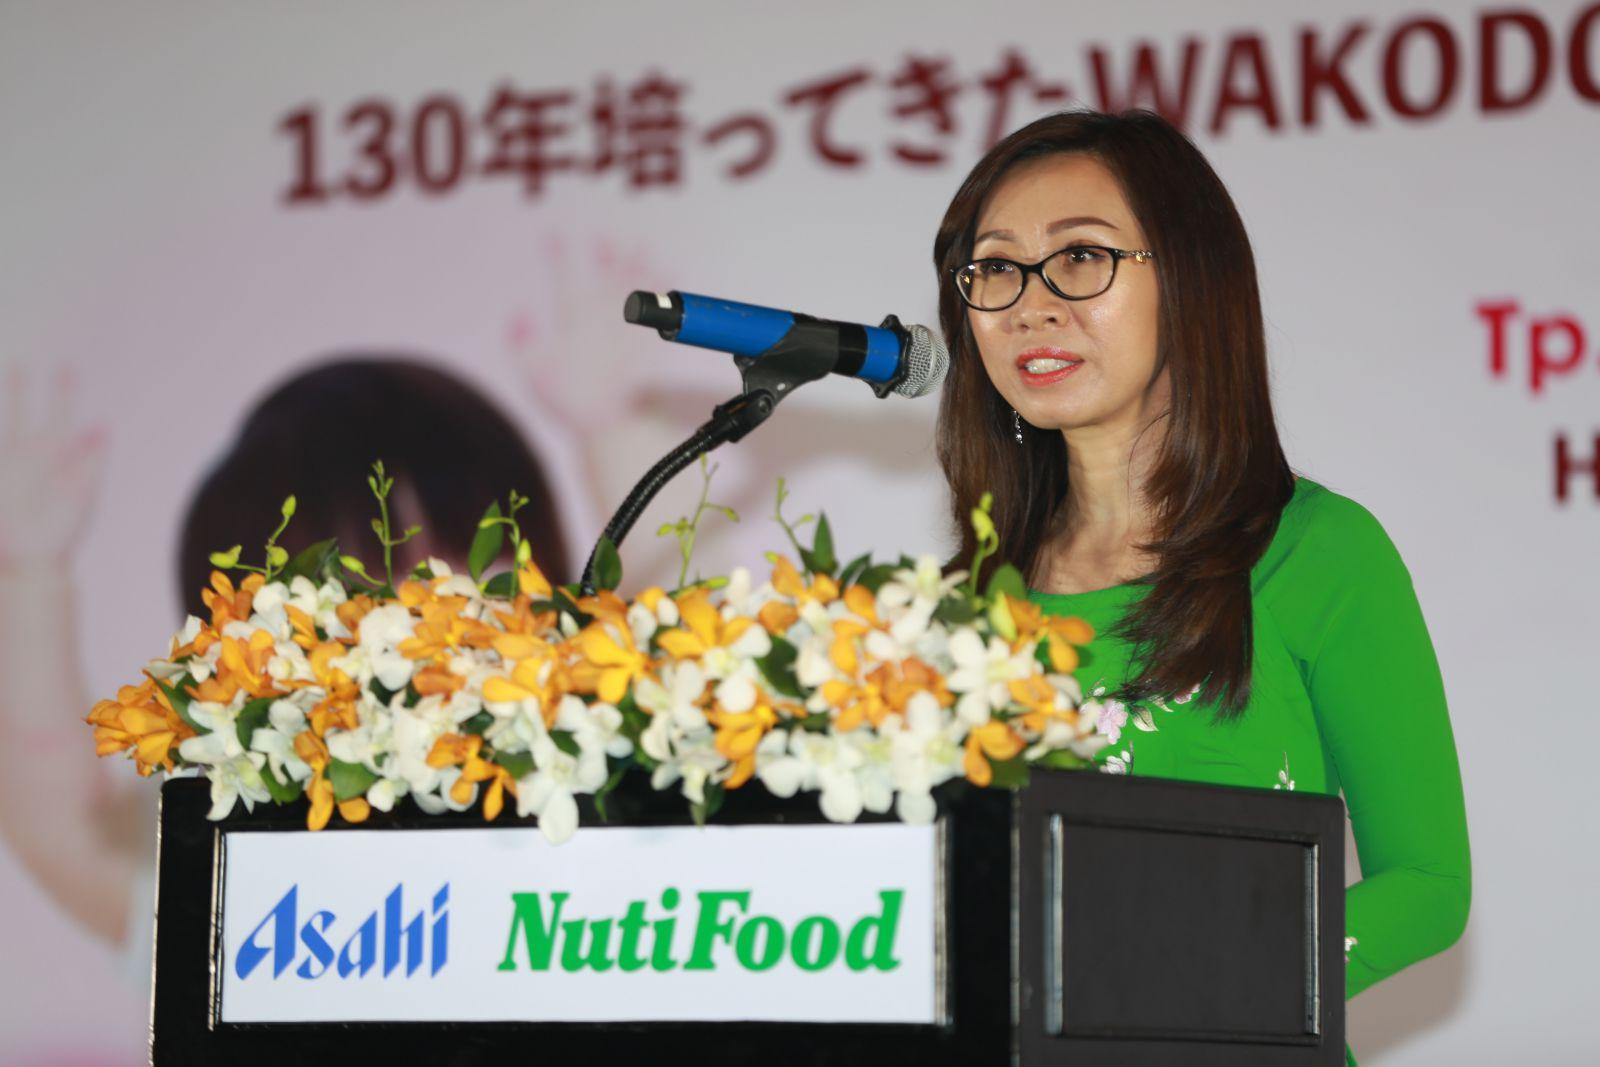 Bà Trần Thị Lệ -Tổng giám đốc công ty TNHH Asiha NutiFood phát biểu tại công bố thành lập công ty  liên doanh hợp  Asahi NutiFood.